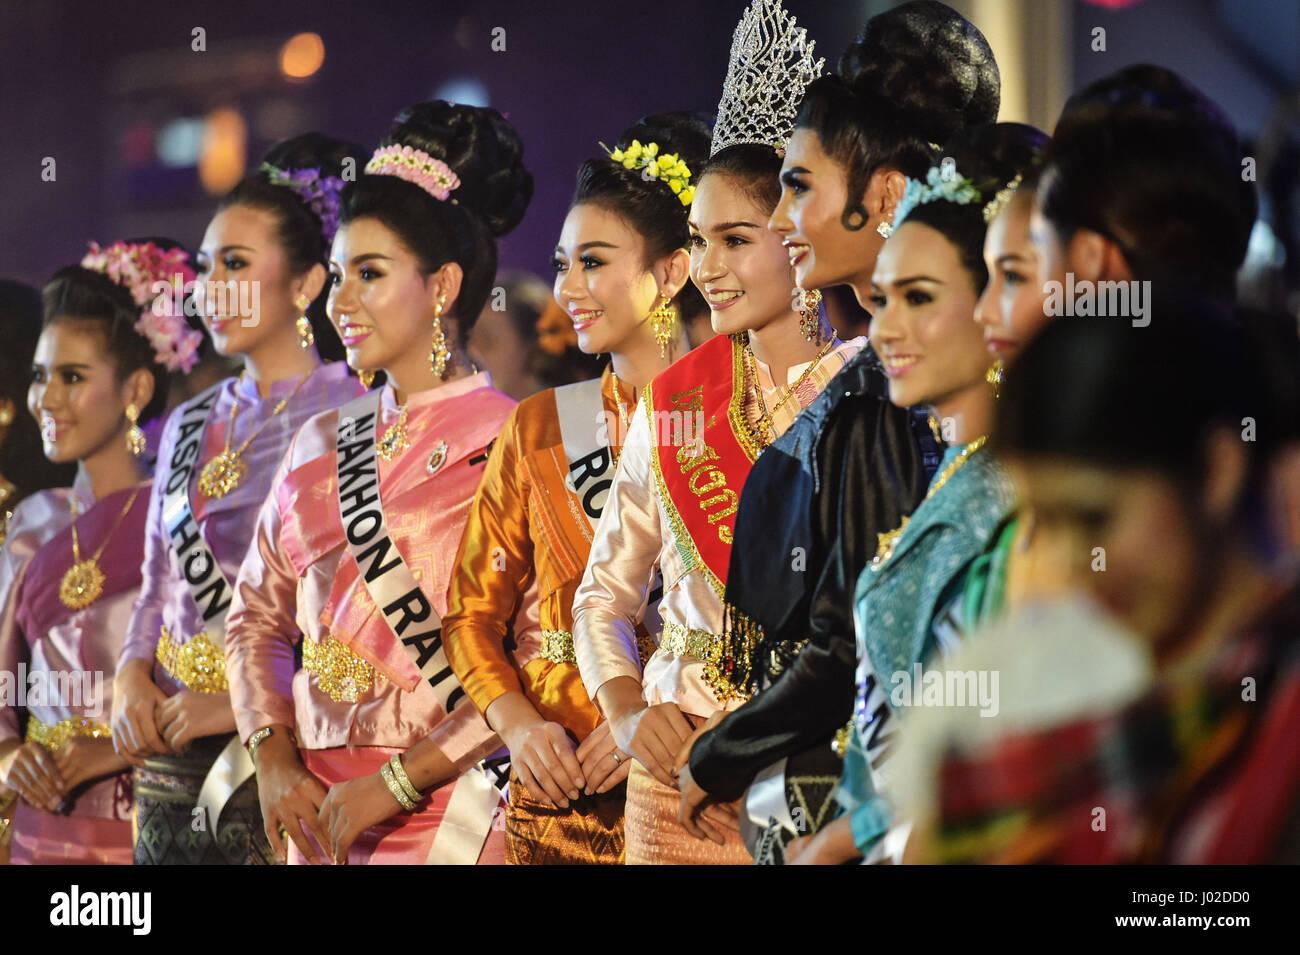 Bangkok, Tailandia. 8 apr, 2017. 'Misses Songkran' da varie province tailandesi frequentare la sorprendente Immagini Stock